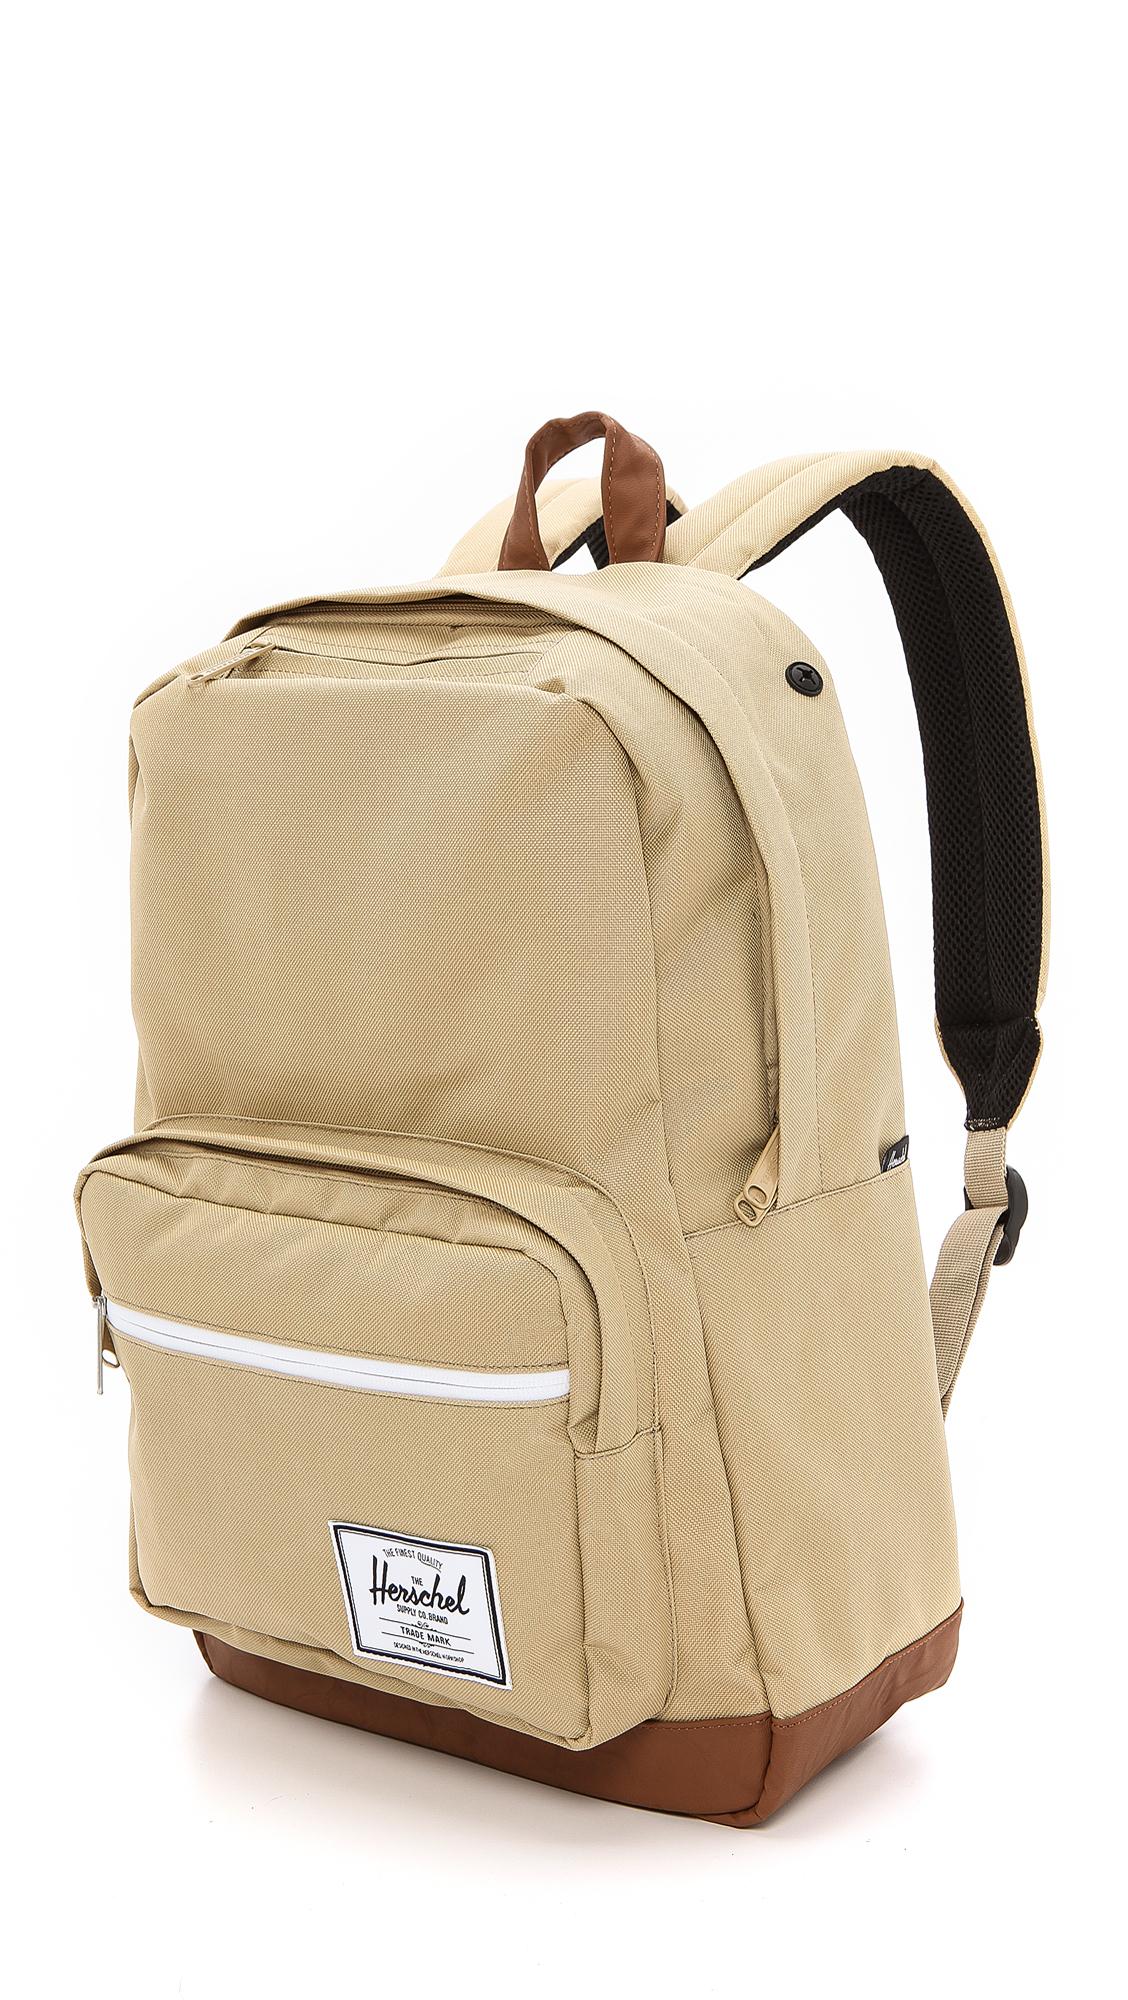 Herschel Supply Co. Pop Quiz Backpack in Khaki (Natural) for Men